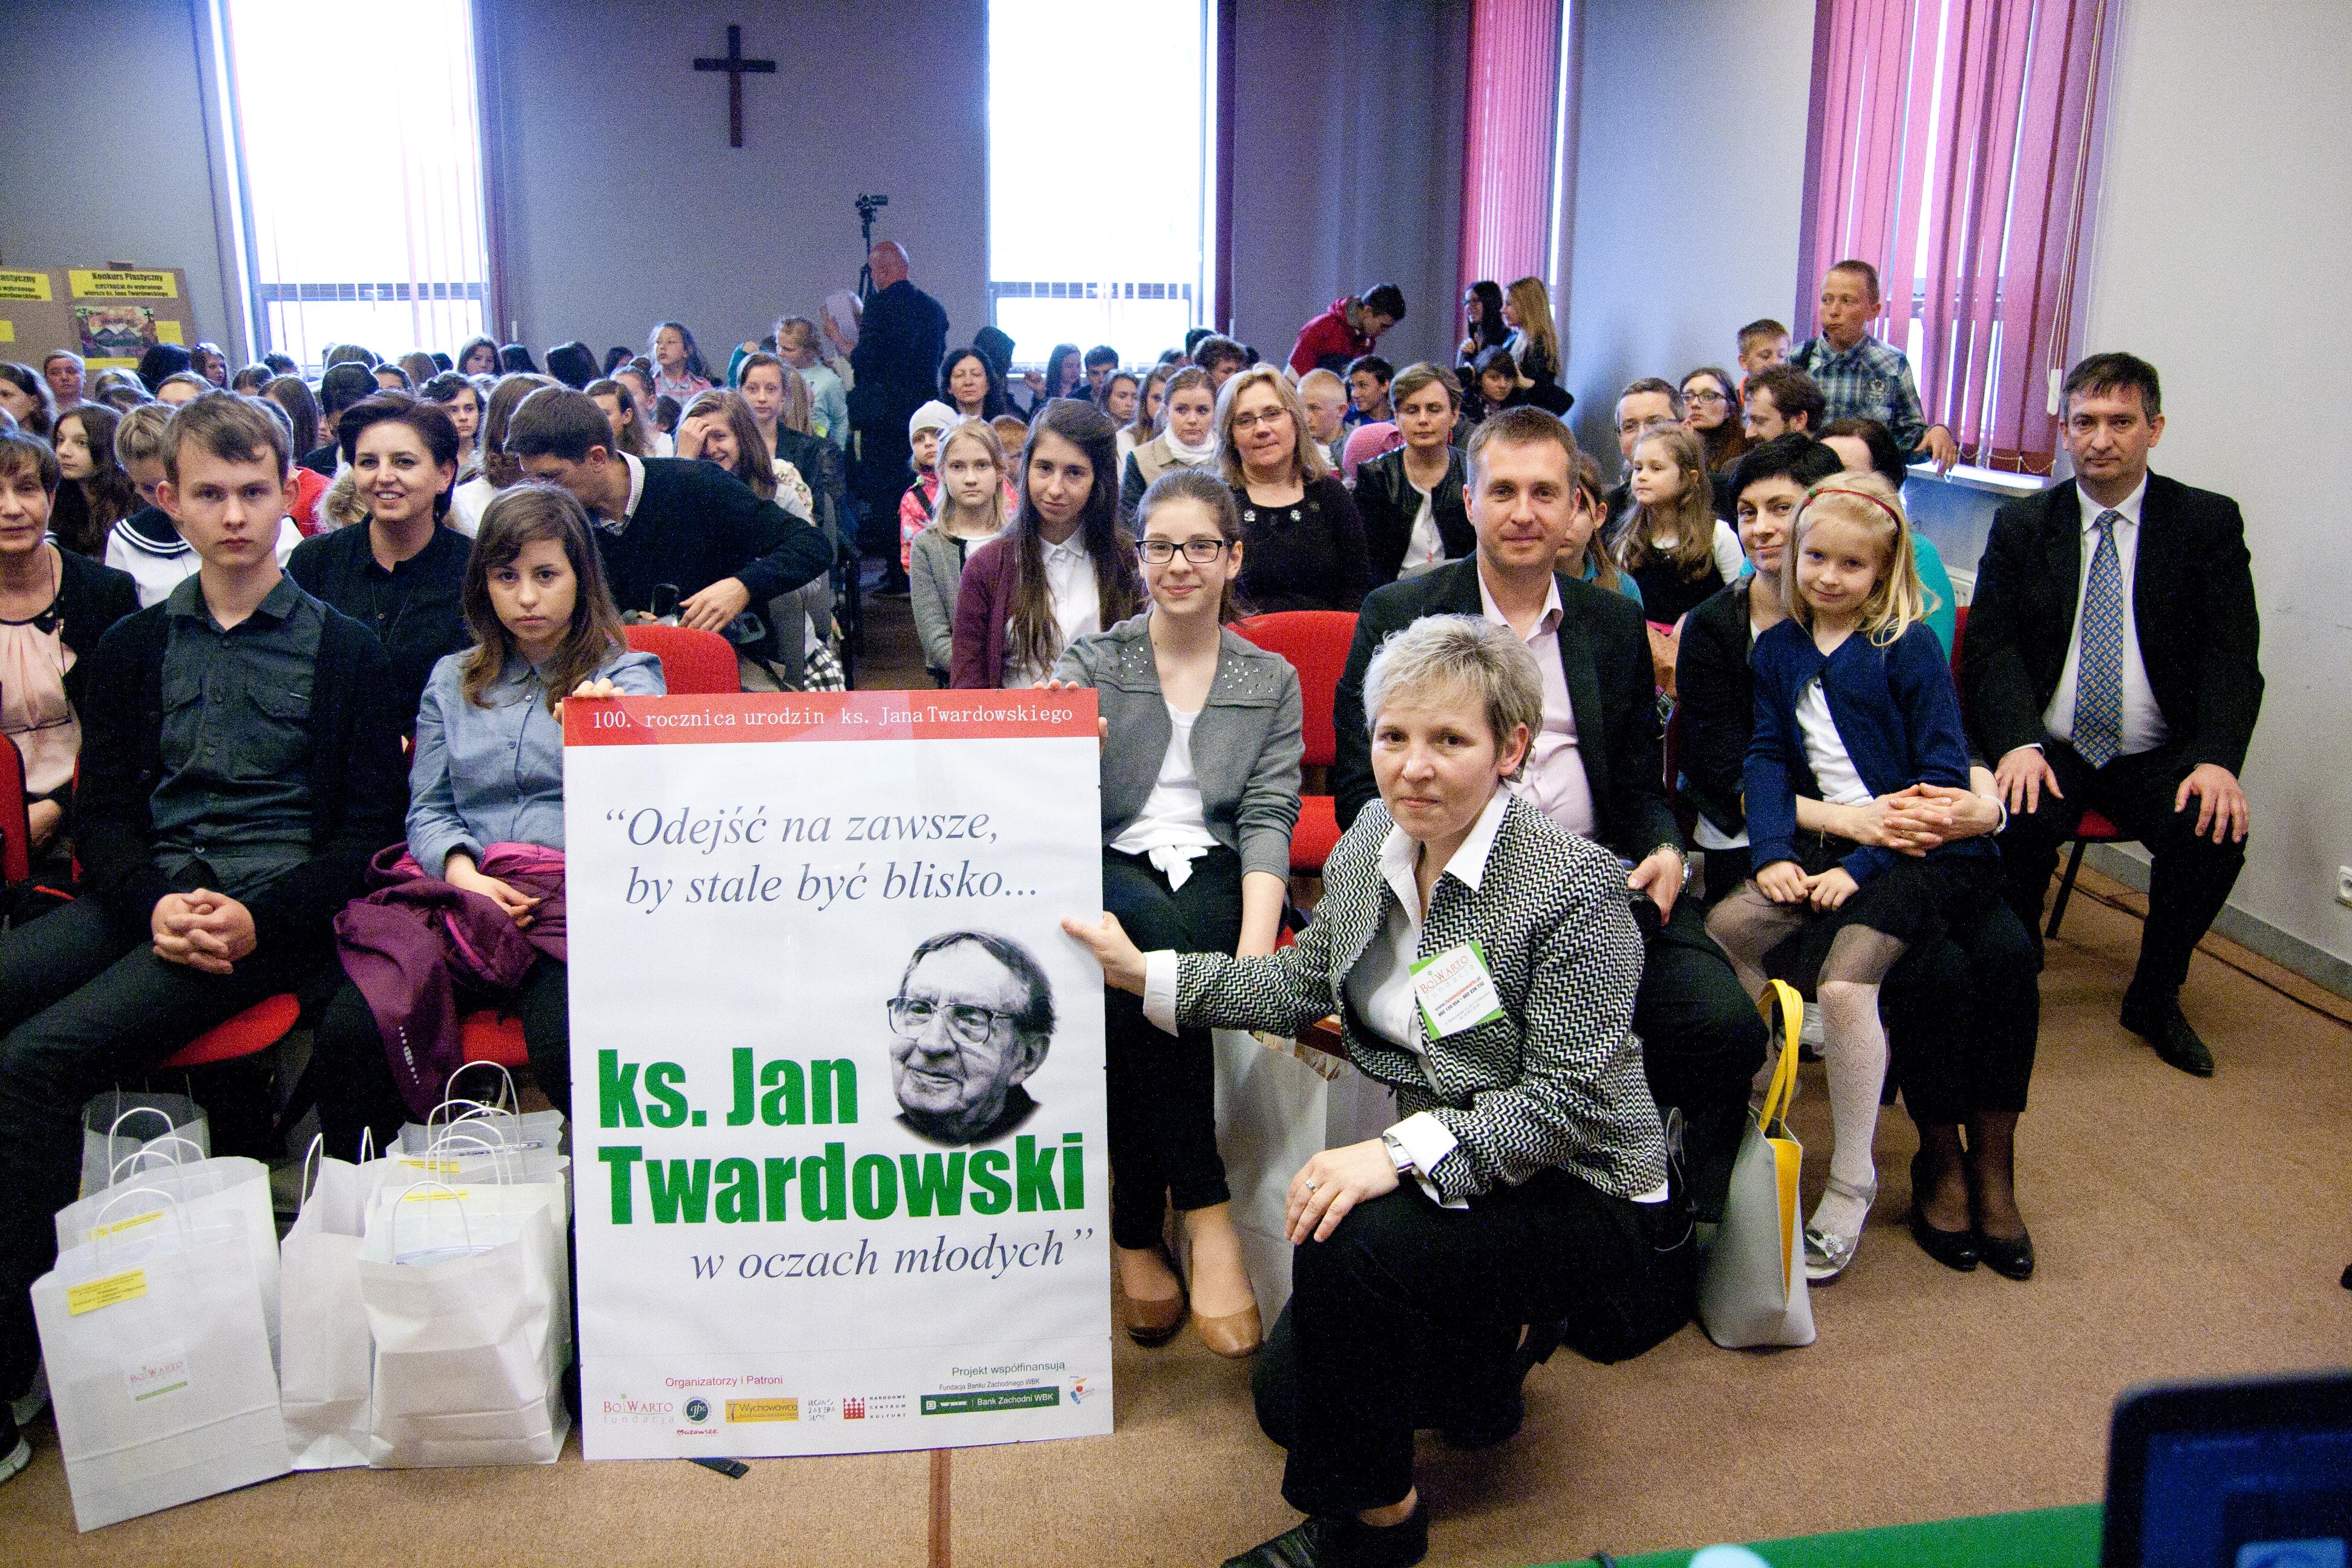 TWARDOWSKI_272